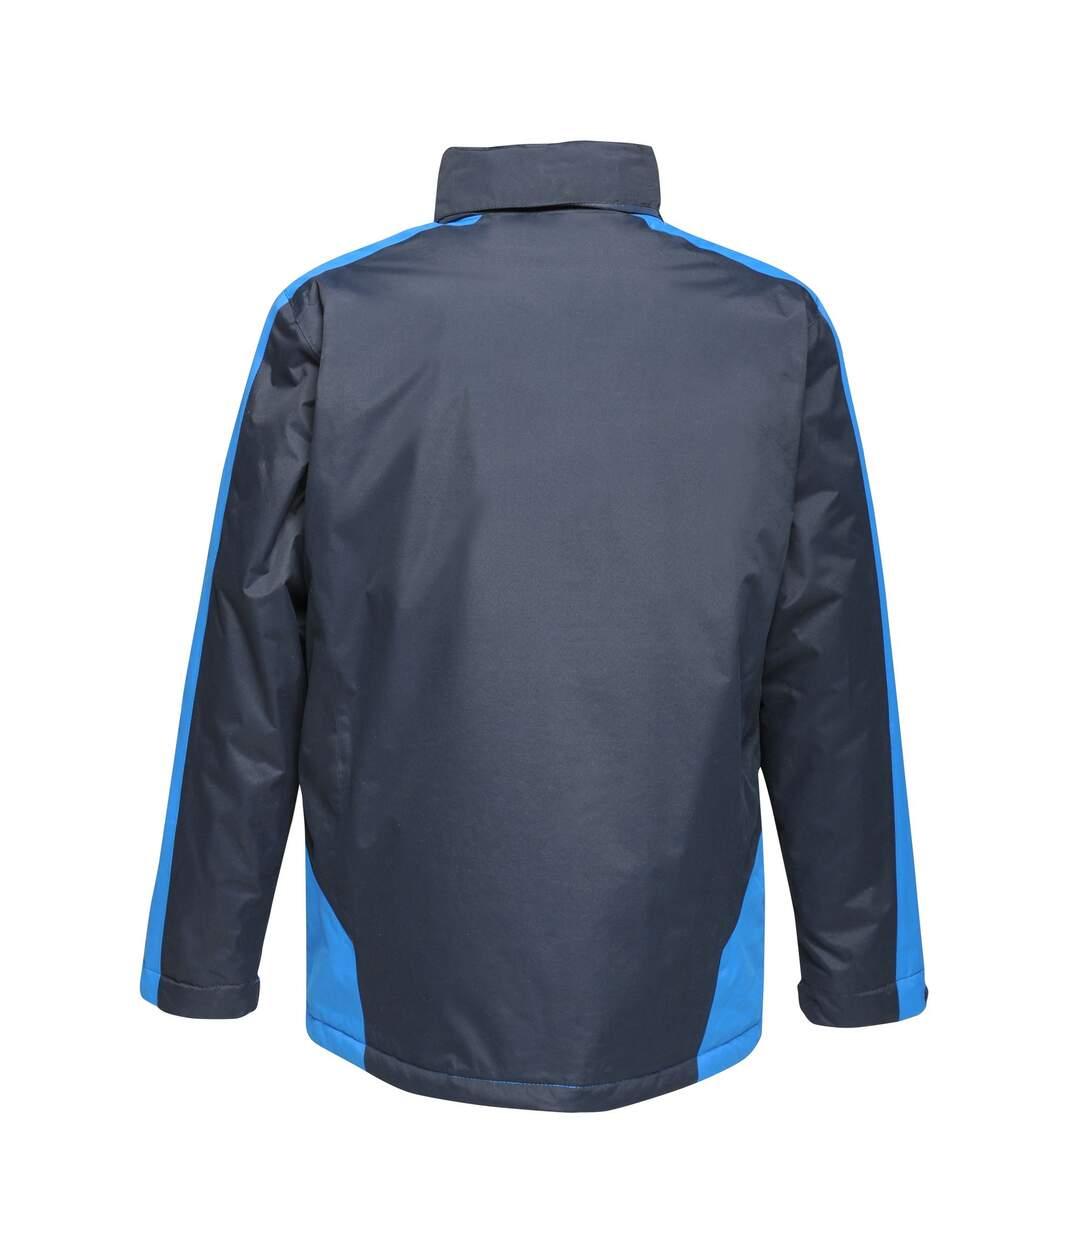 Regatta Mens Contrast Full Zip Jacket (Black Blue/Gentian Blue) - UTRG3743